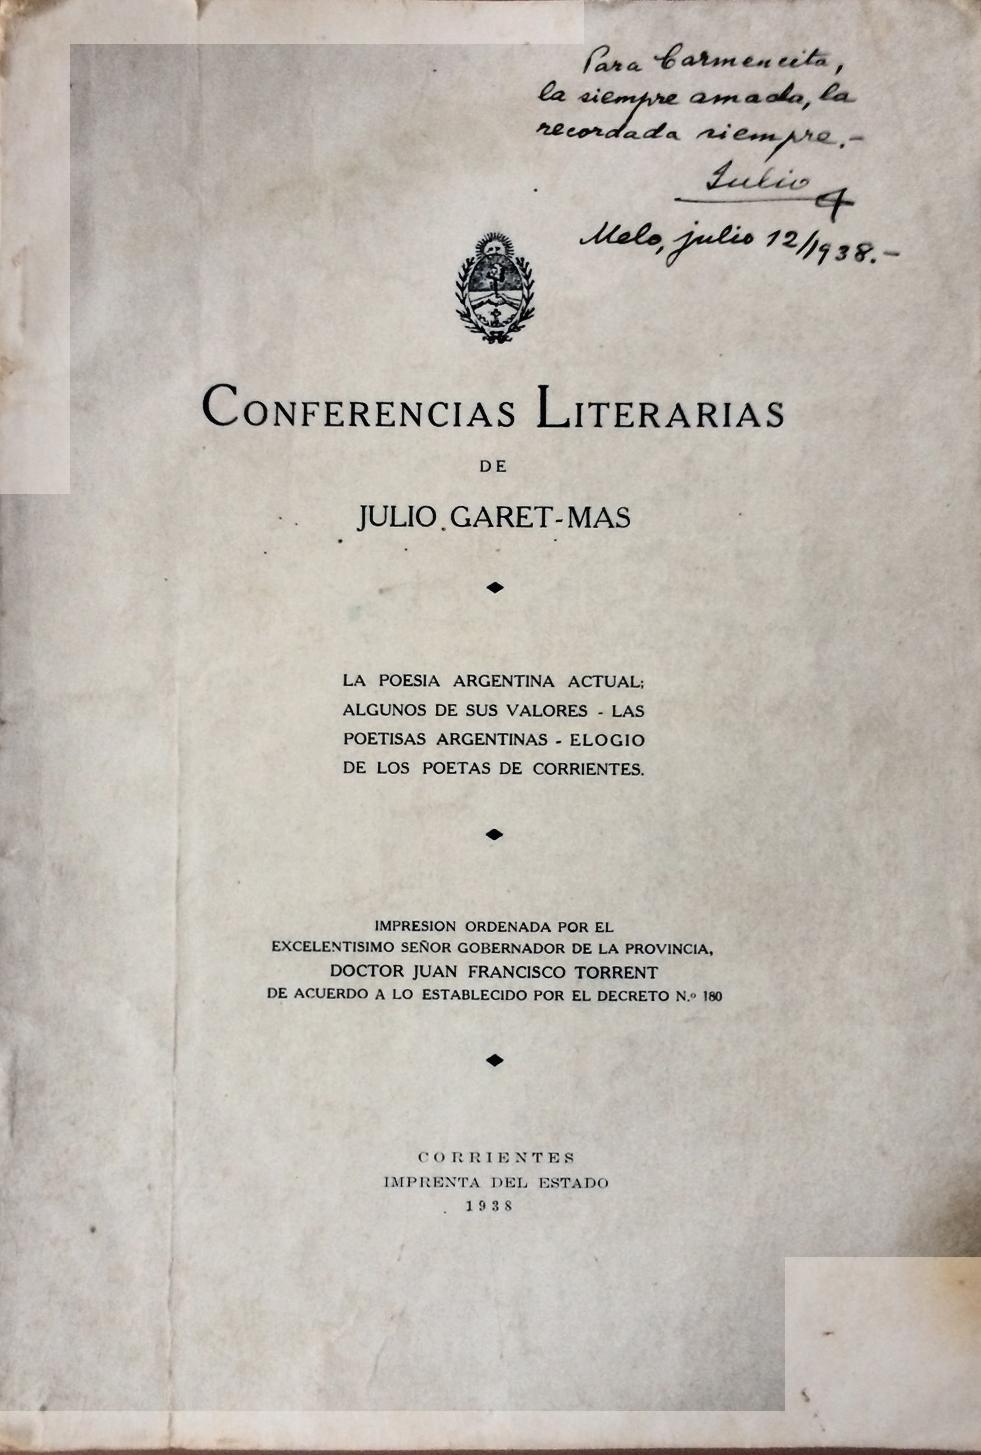 admin | Leonardo Garet